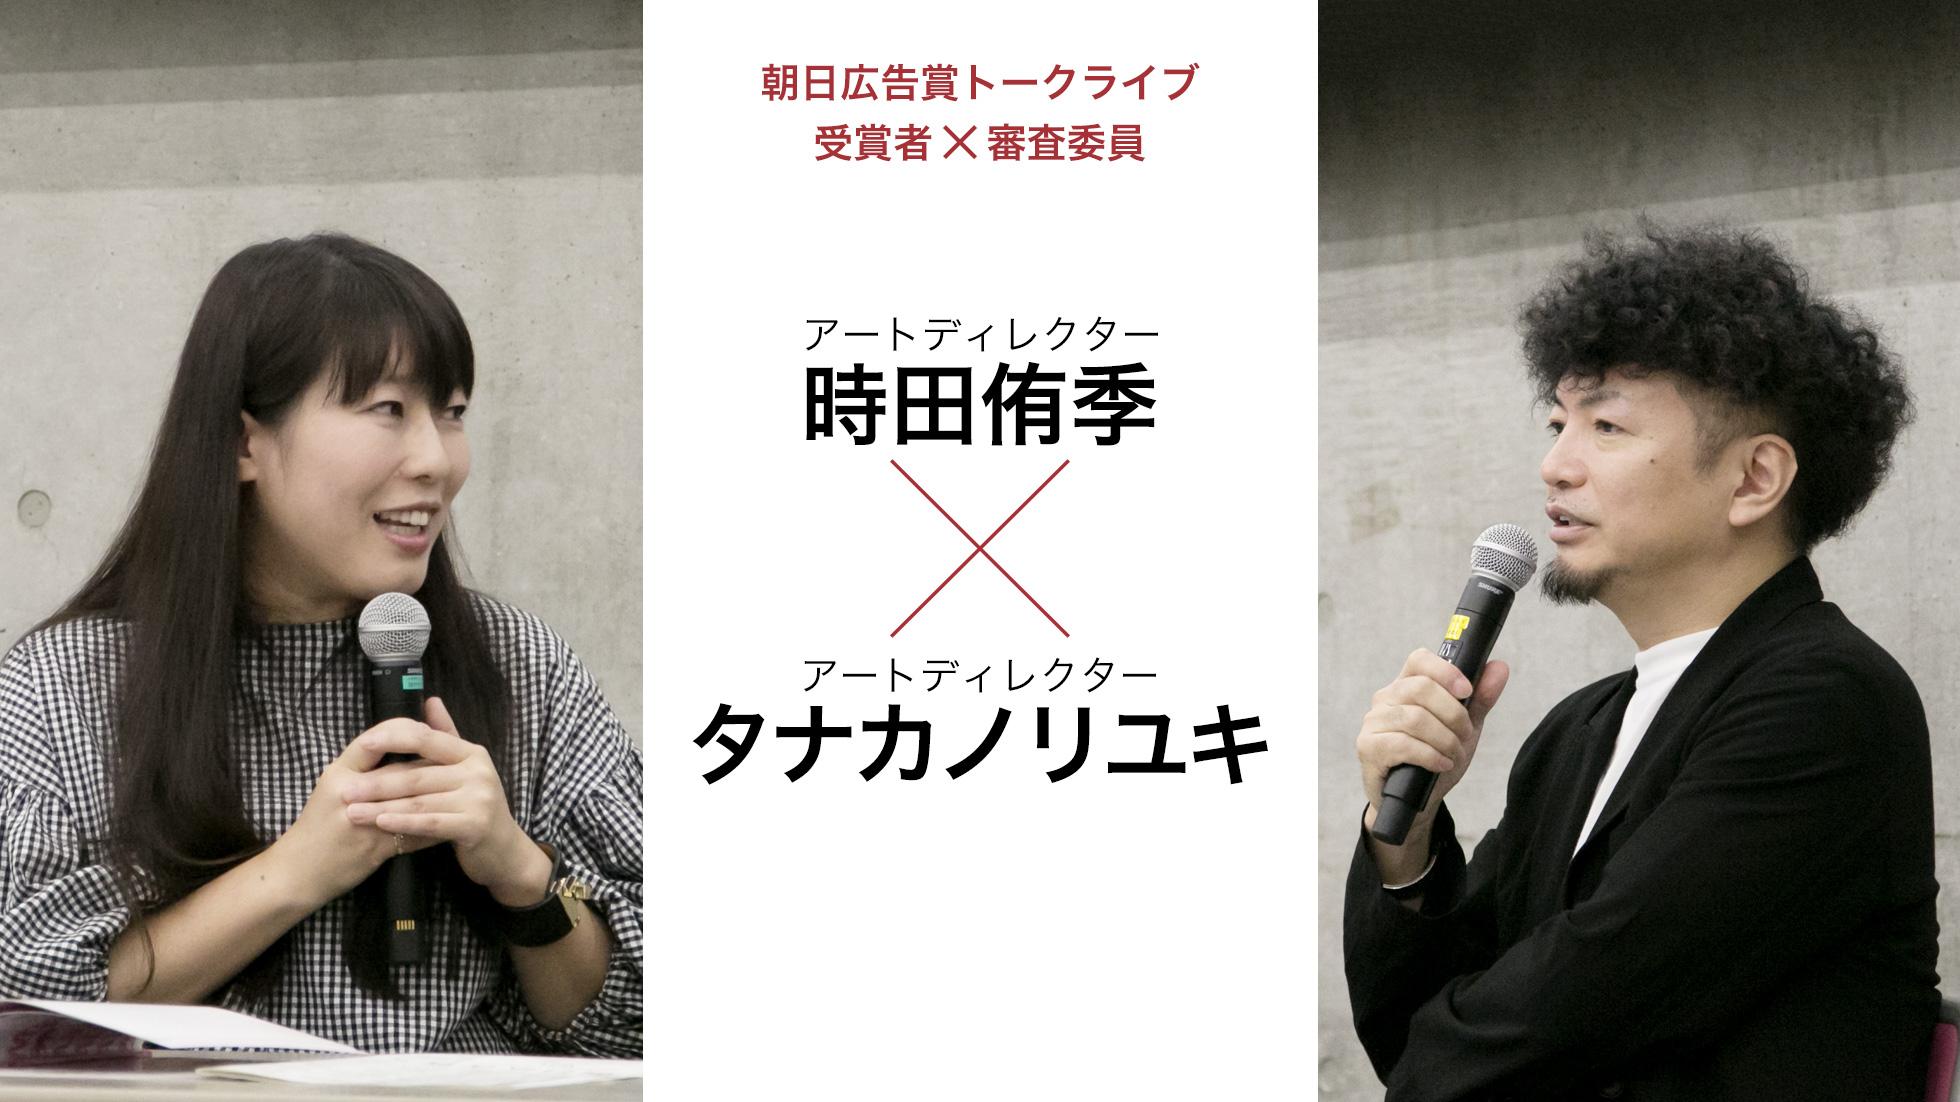 時田侑季さん × タナカノリユキ...